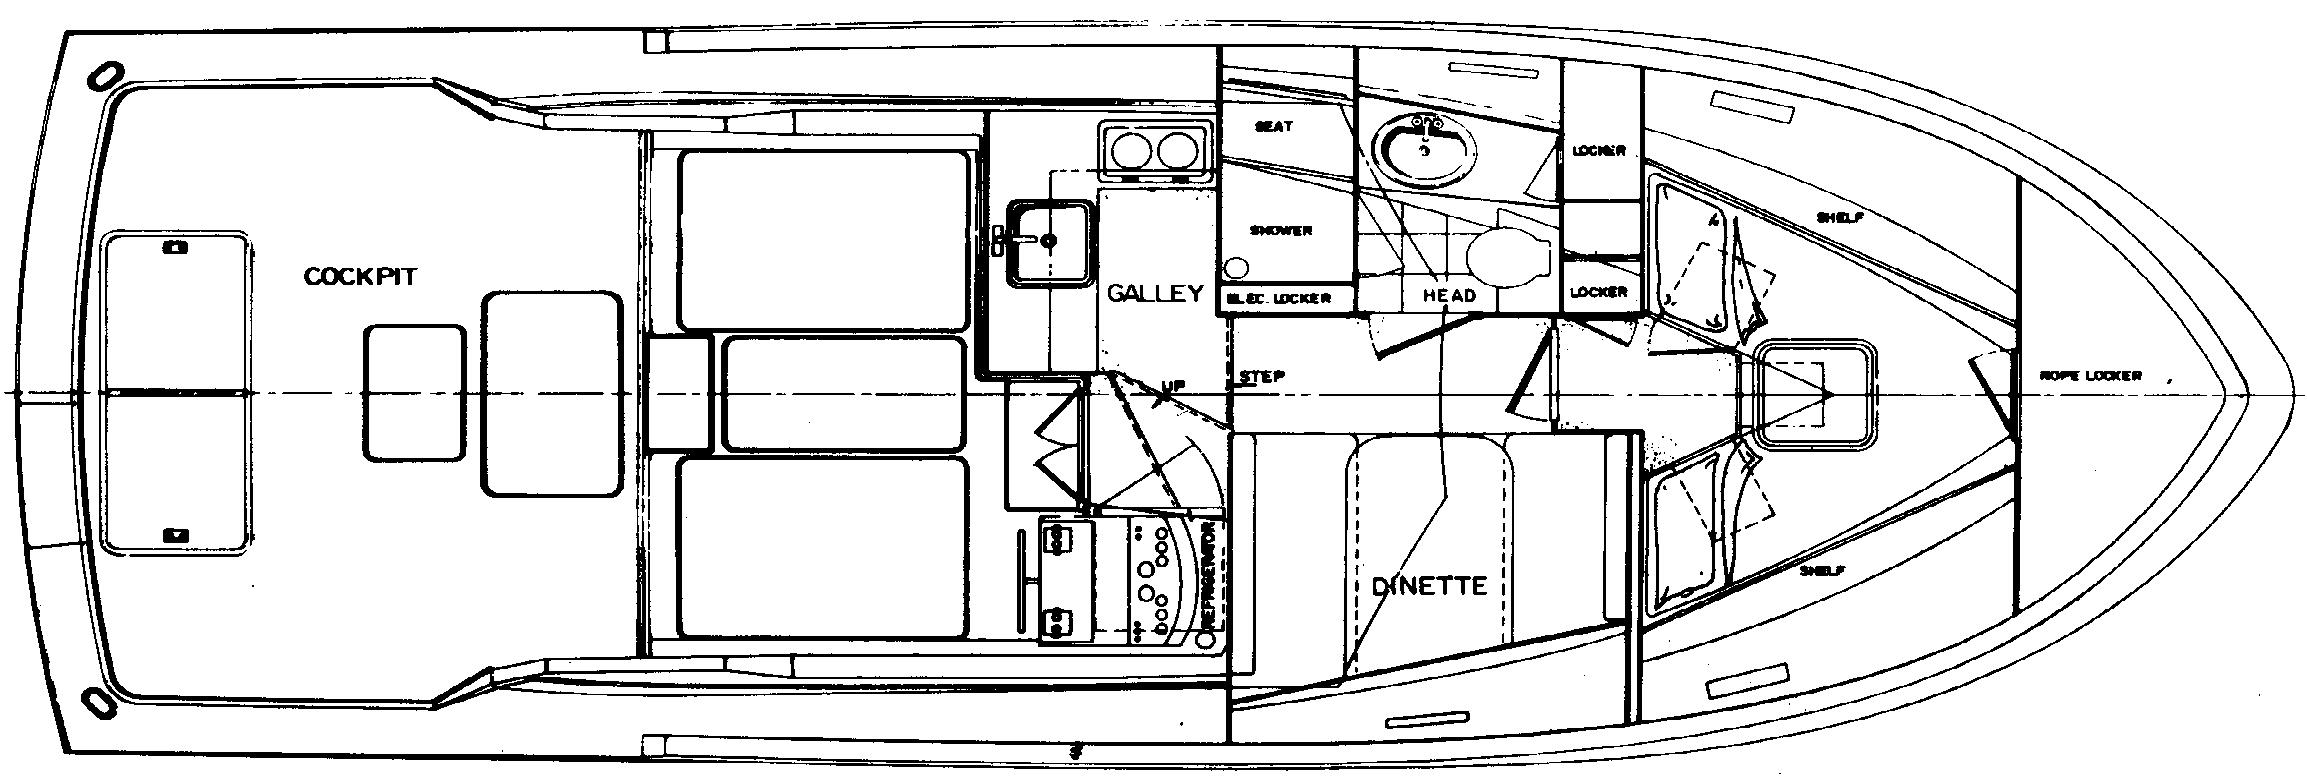 36 Sport Fisherman Floor Plan 1